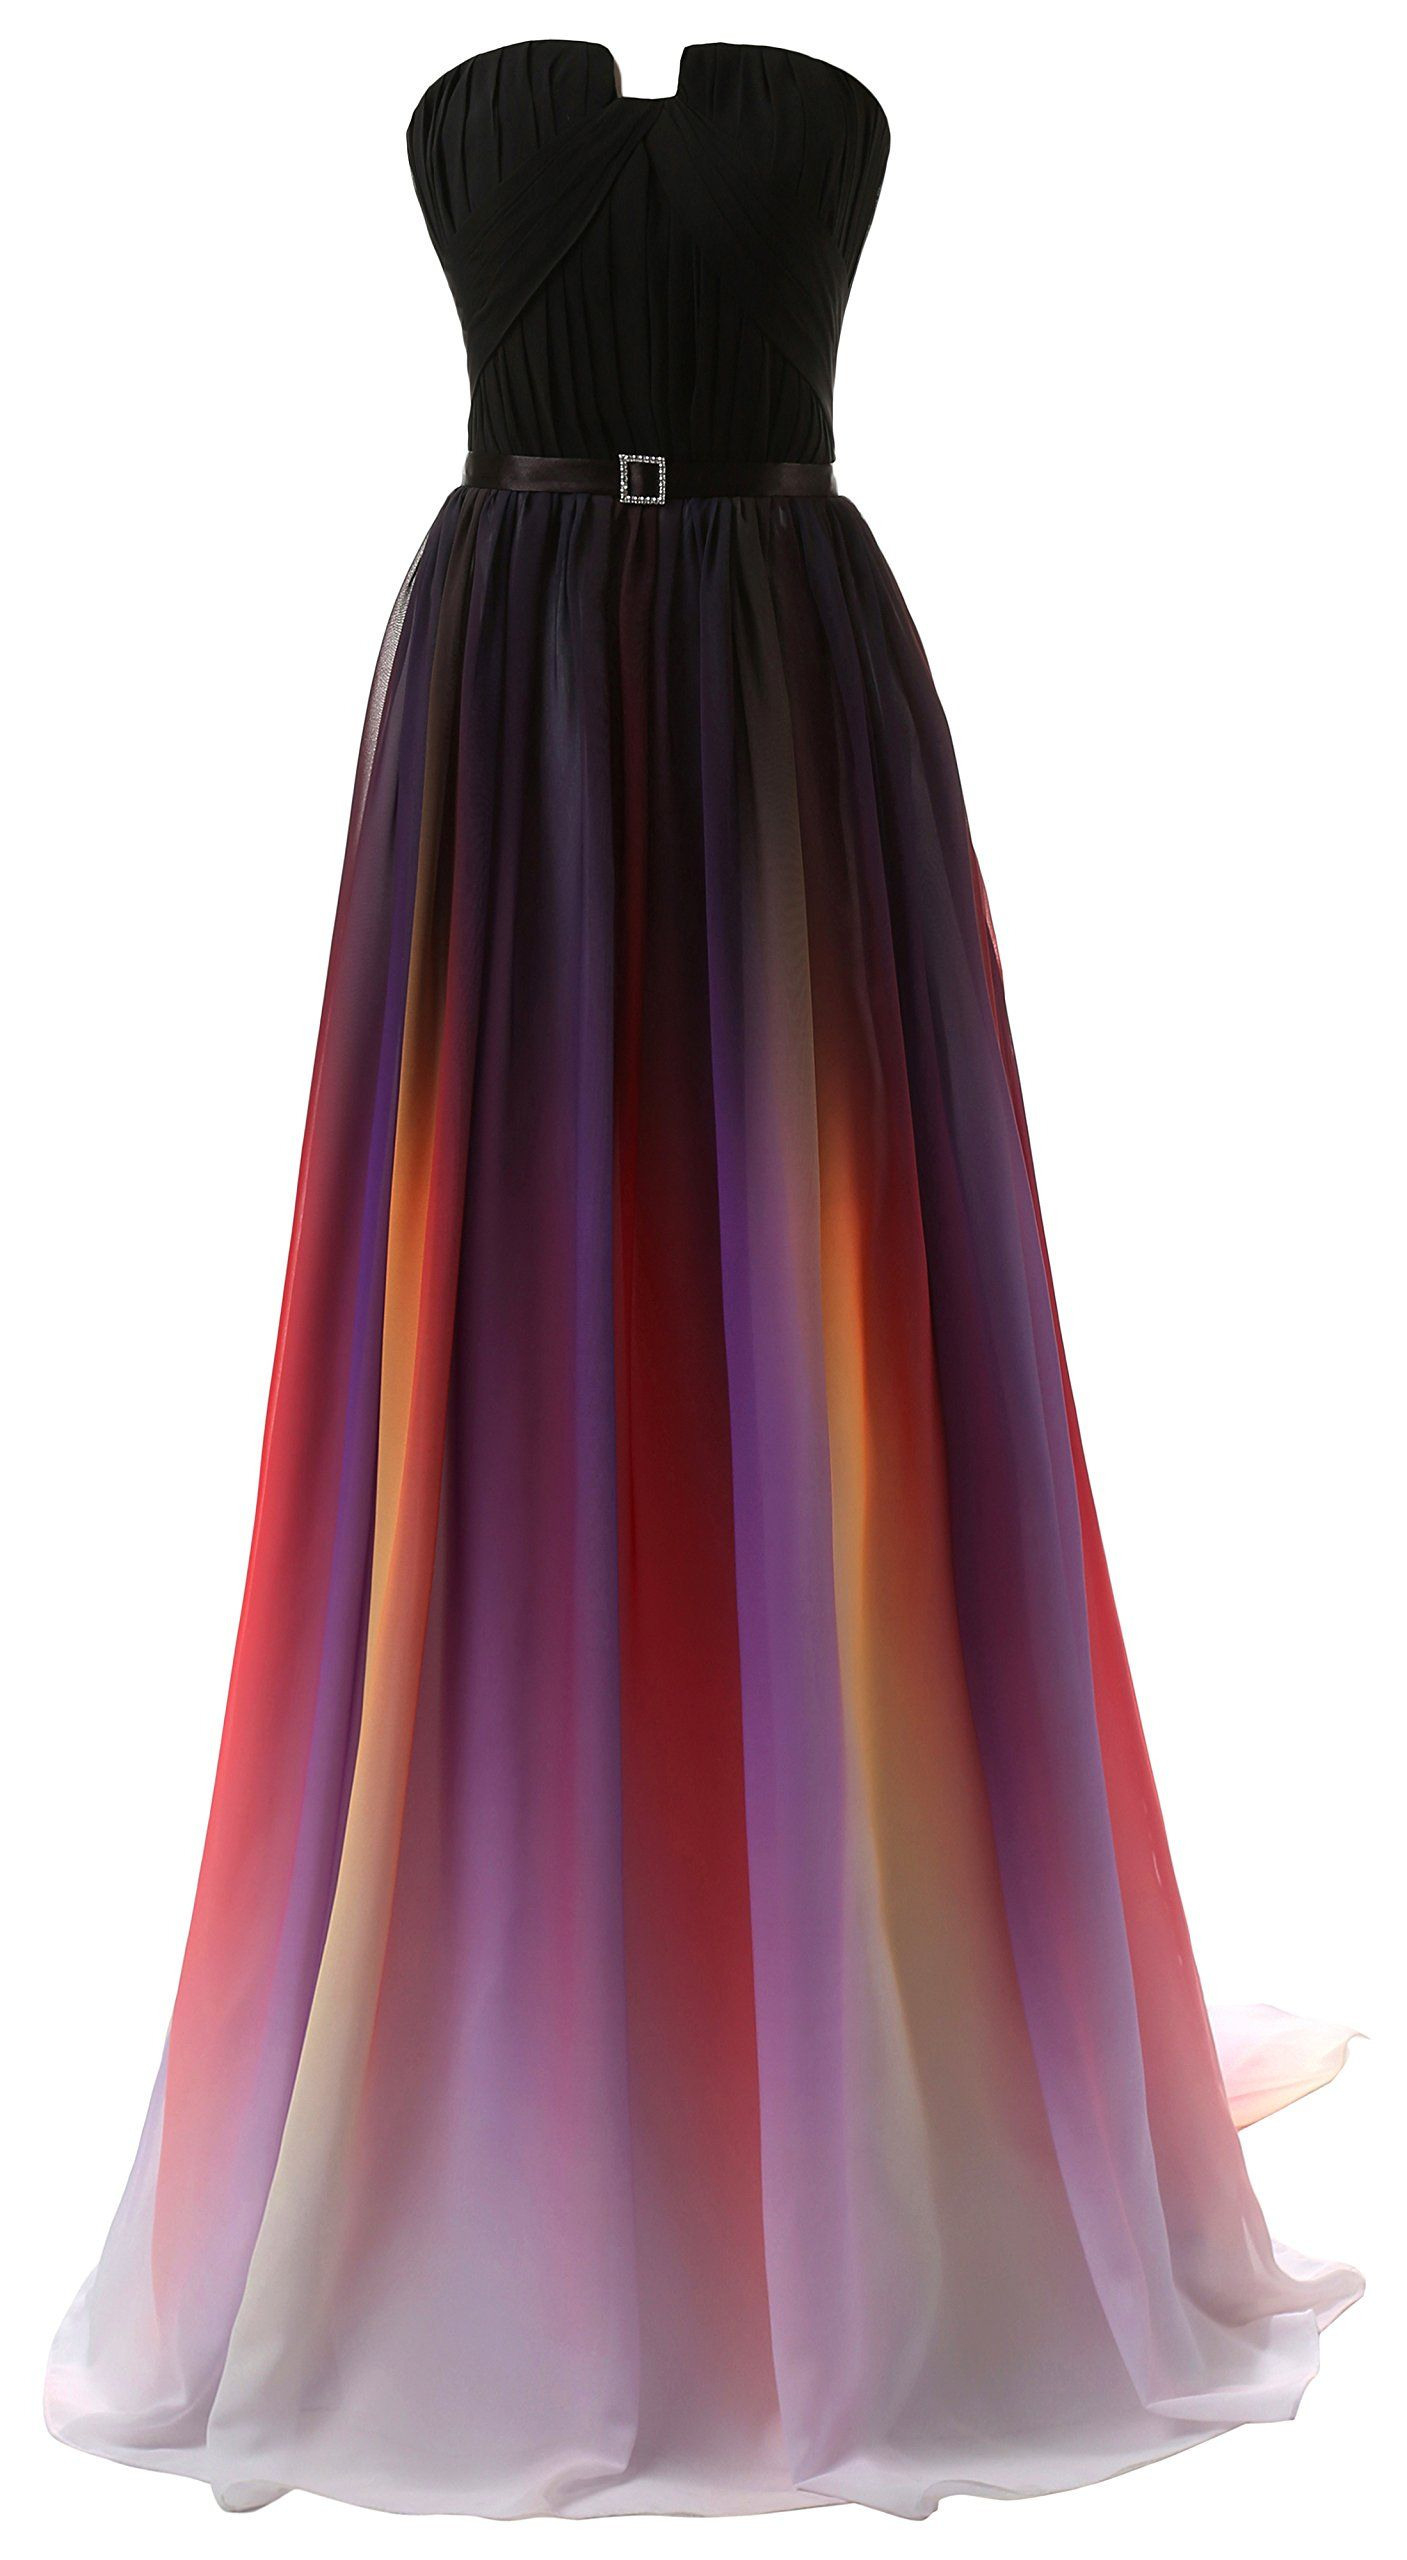 Erstaunlich U Abendkleid Bester Preis20 Luxus U Abendkleid Boutique